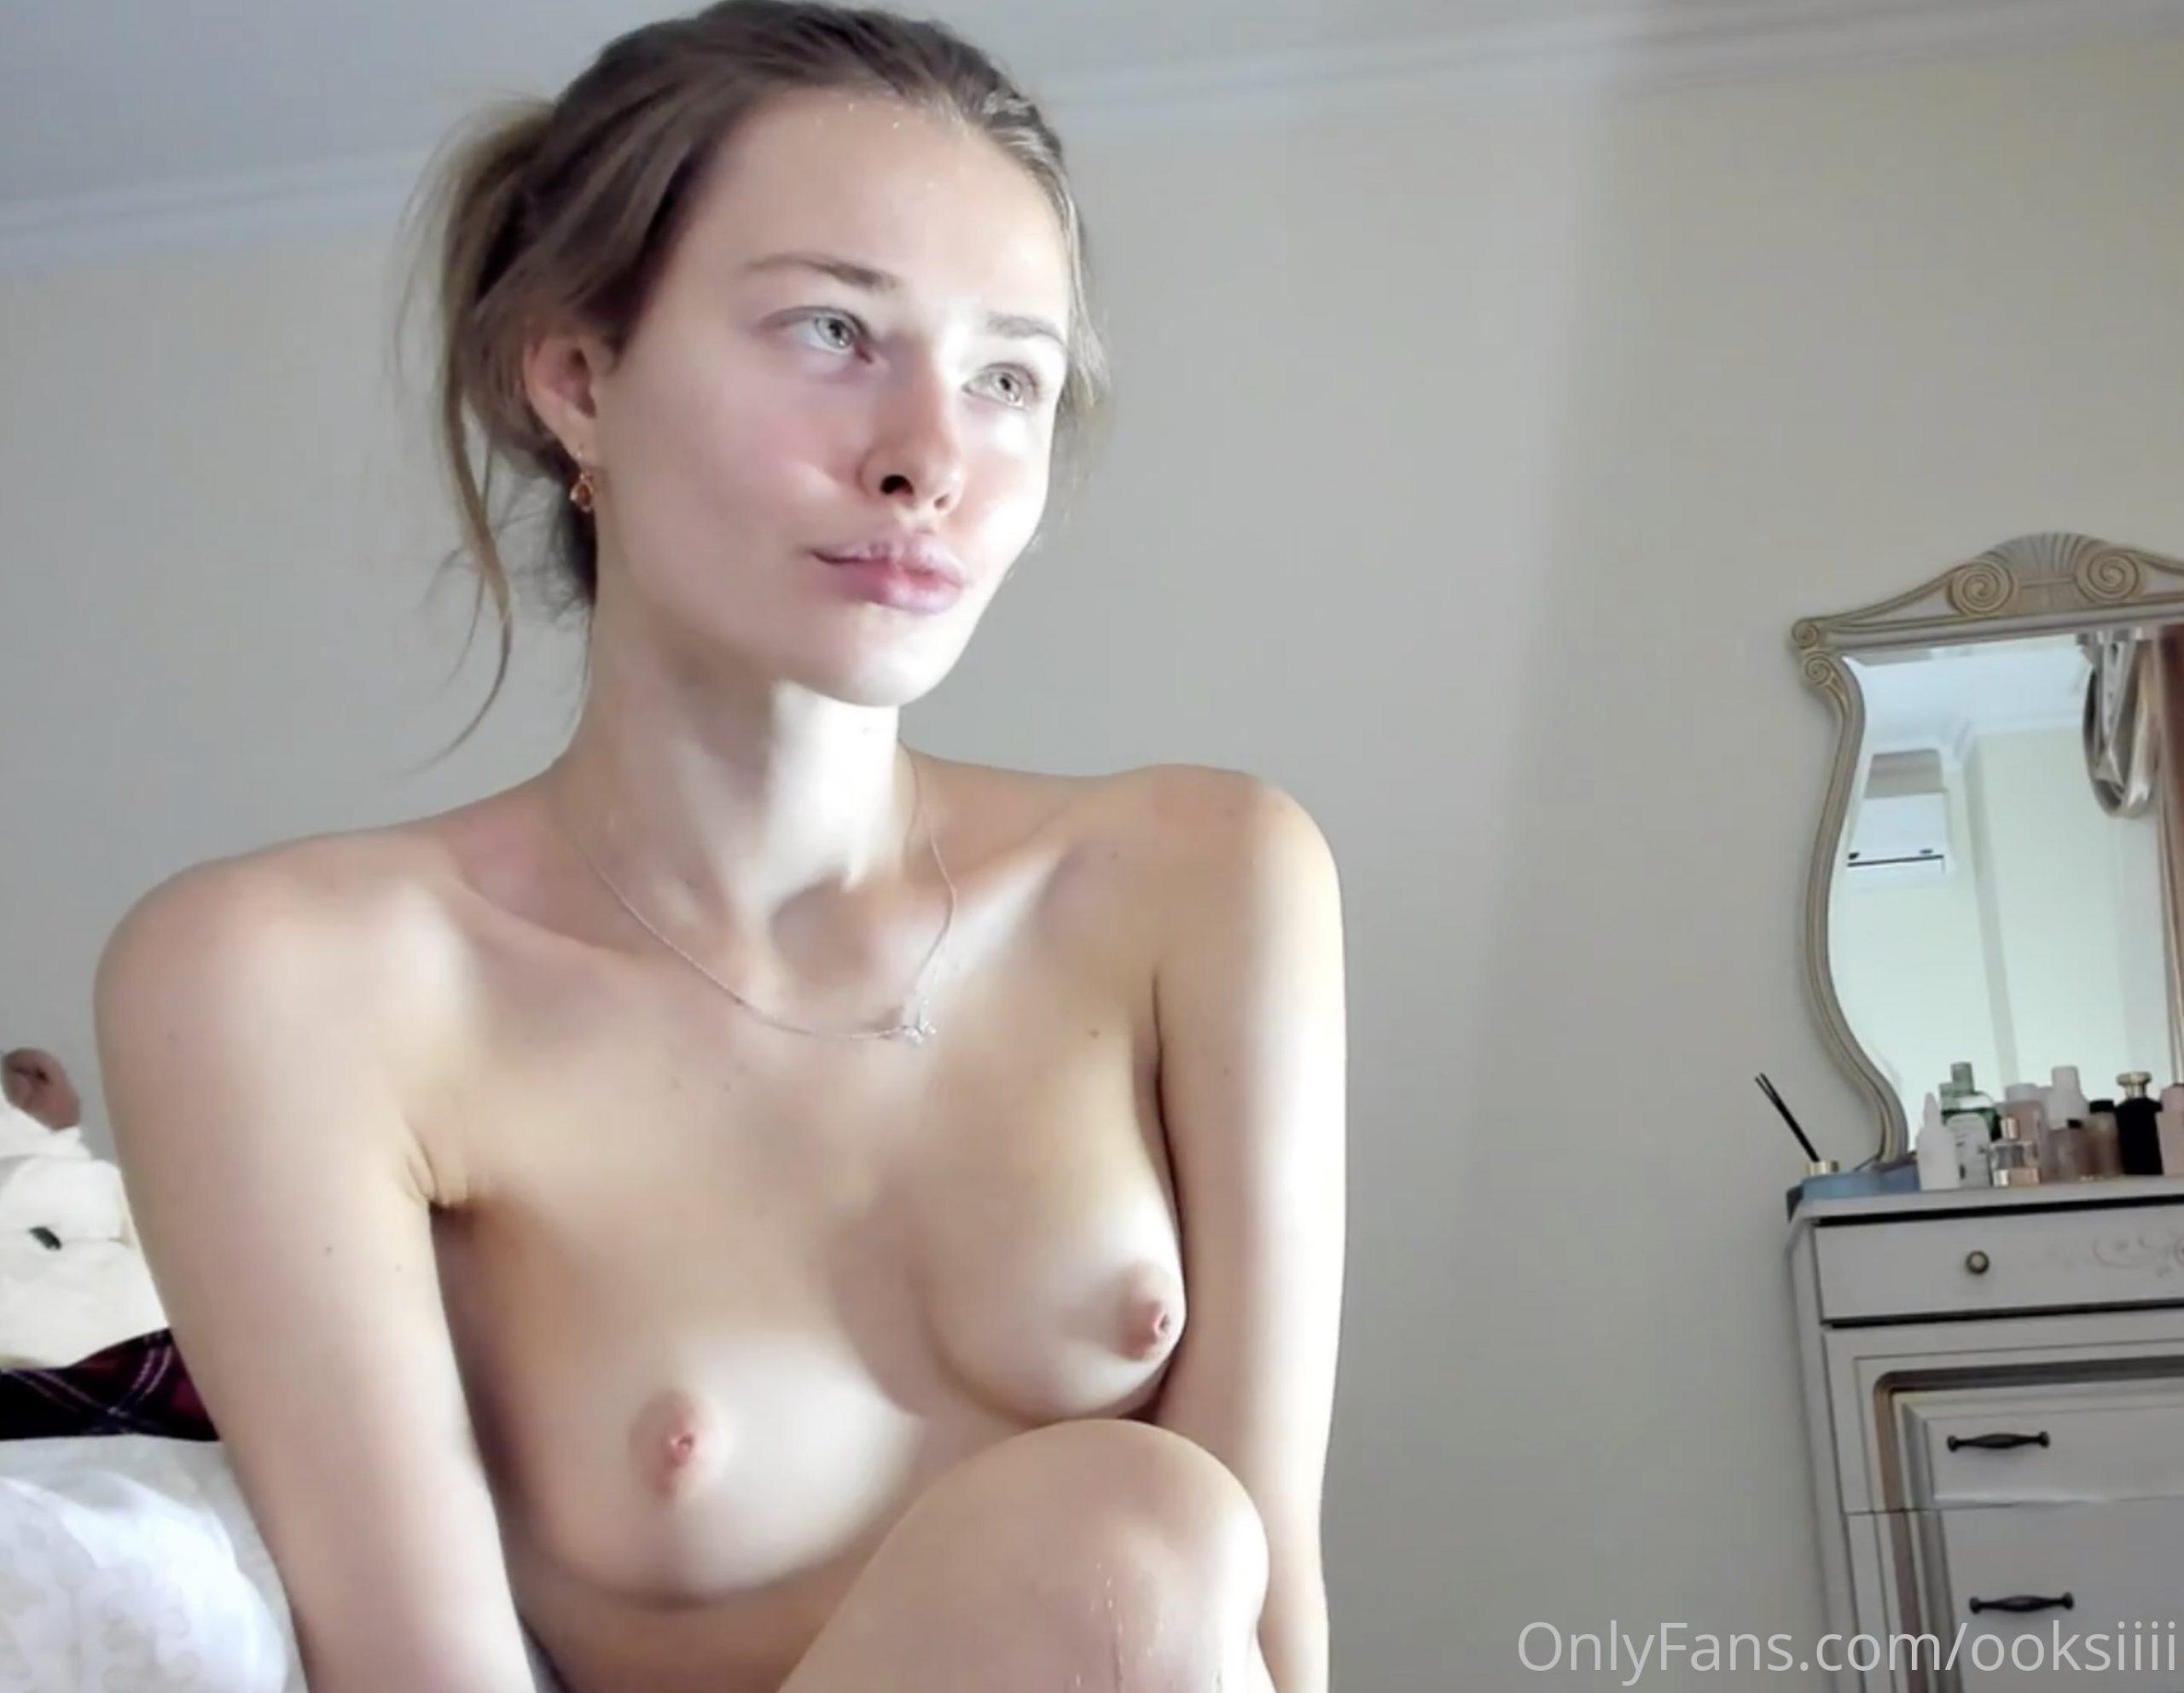 Oksana Fedorova, Onlyfans, Ooksiii 0044